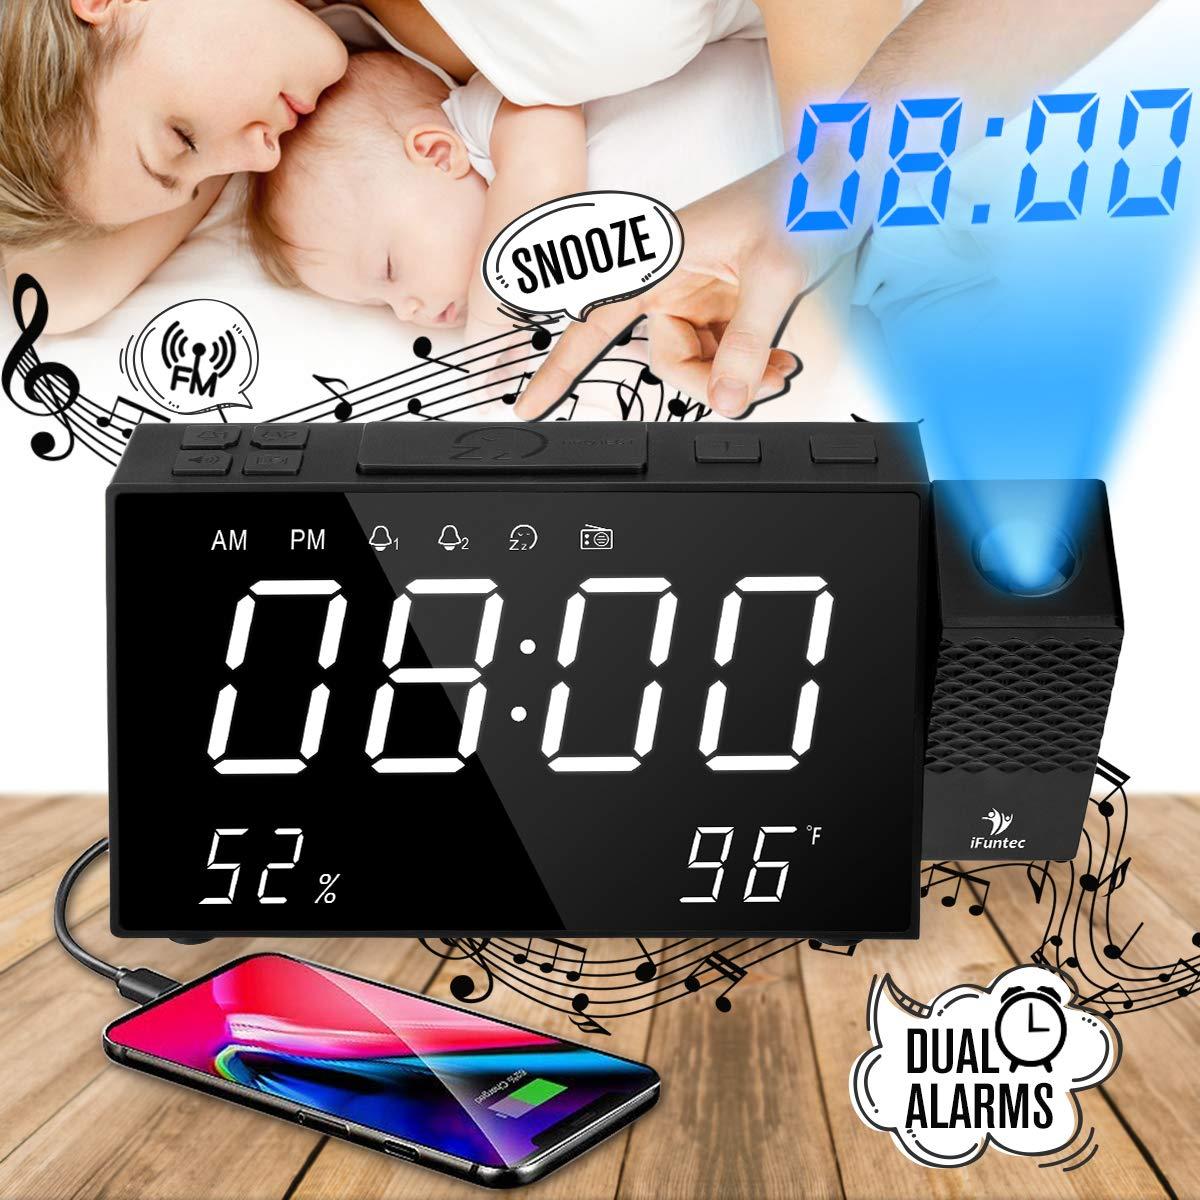 iFunTec Orologio con Proiezione, Radiosveglia con Proiettore Dimmerabile, FM Orologio con Doppi Allarmi,Funzione di Snooze, Schermo da 7pollici con Dimmer,Visualizza Tempo/umidità/Temperatura